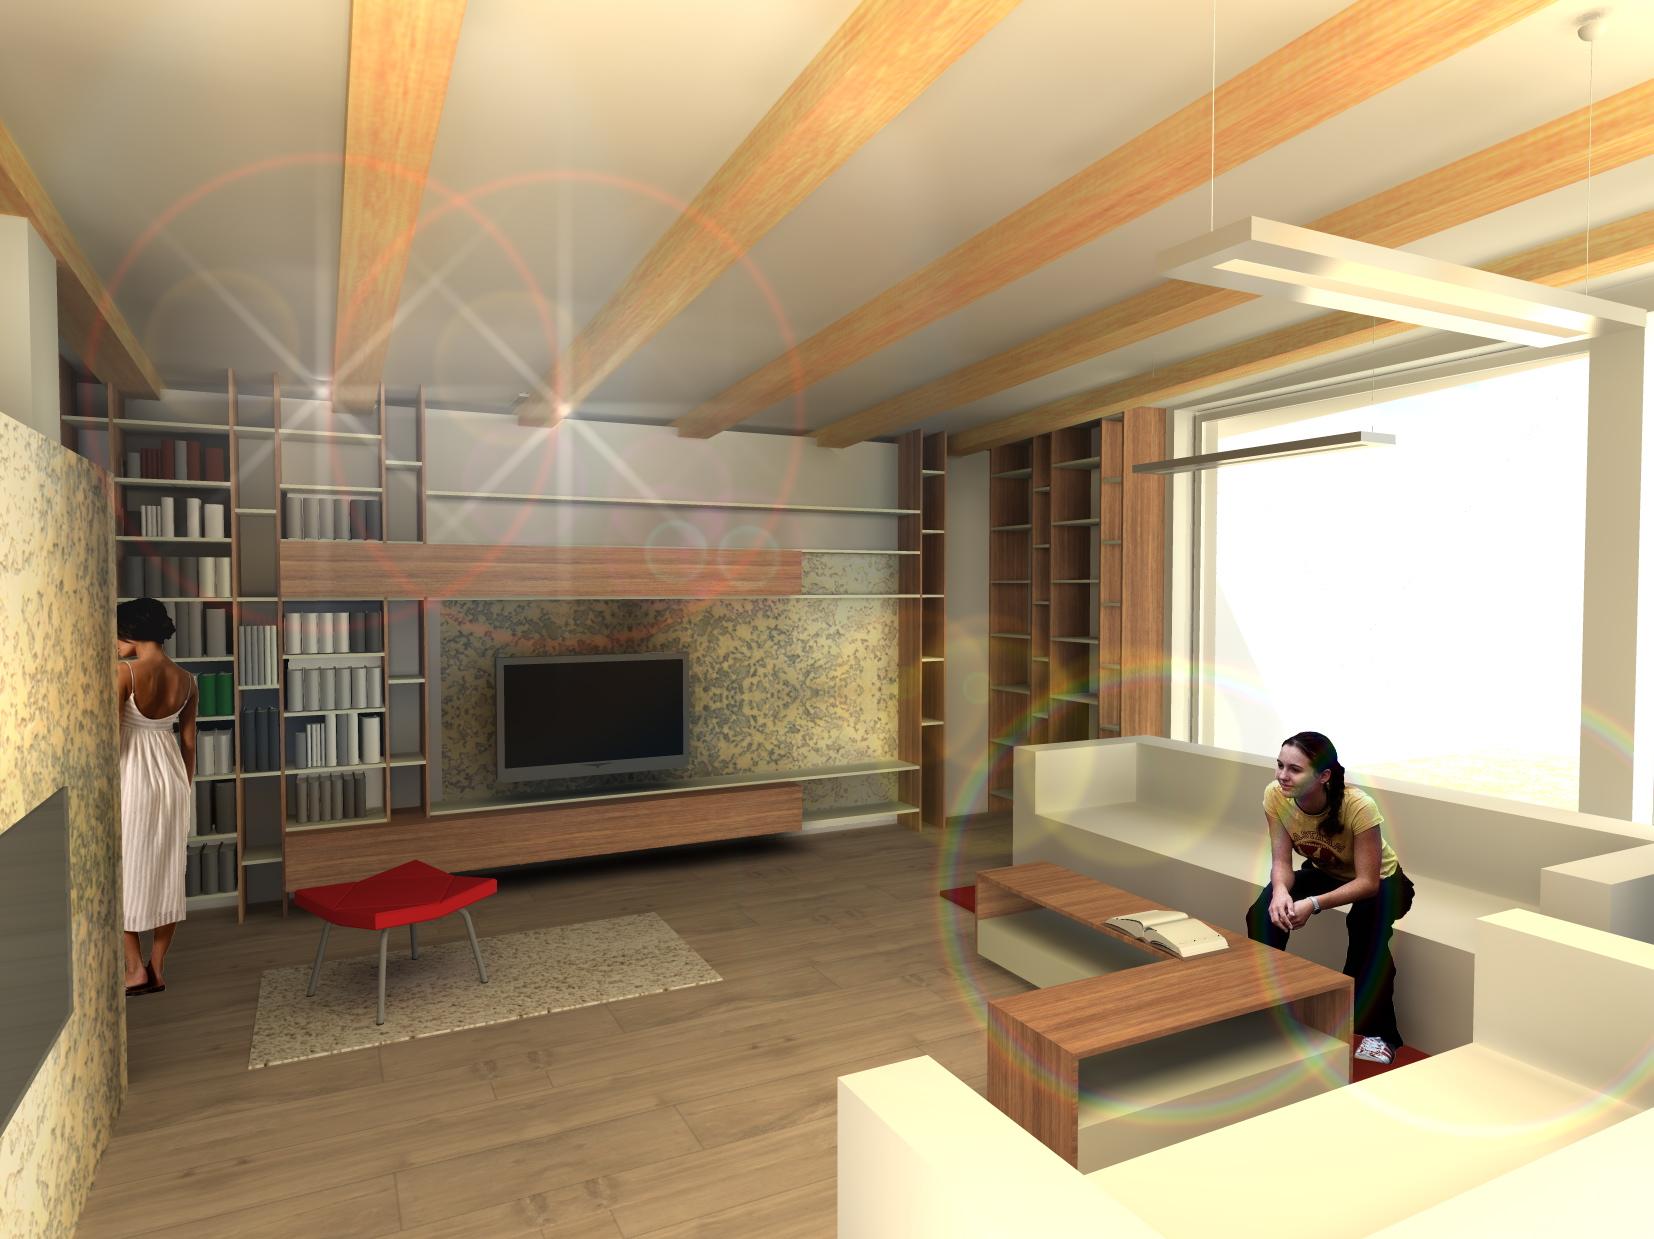 Nechte návrh designového interiéru na profesionálovi